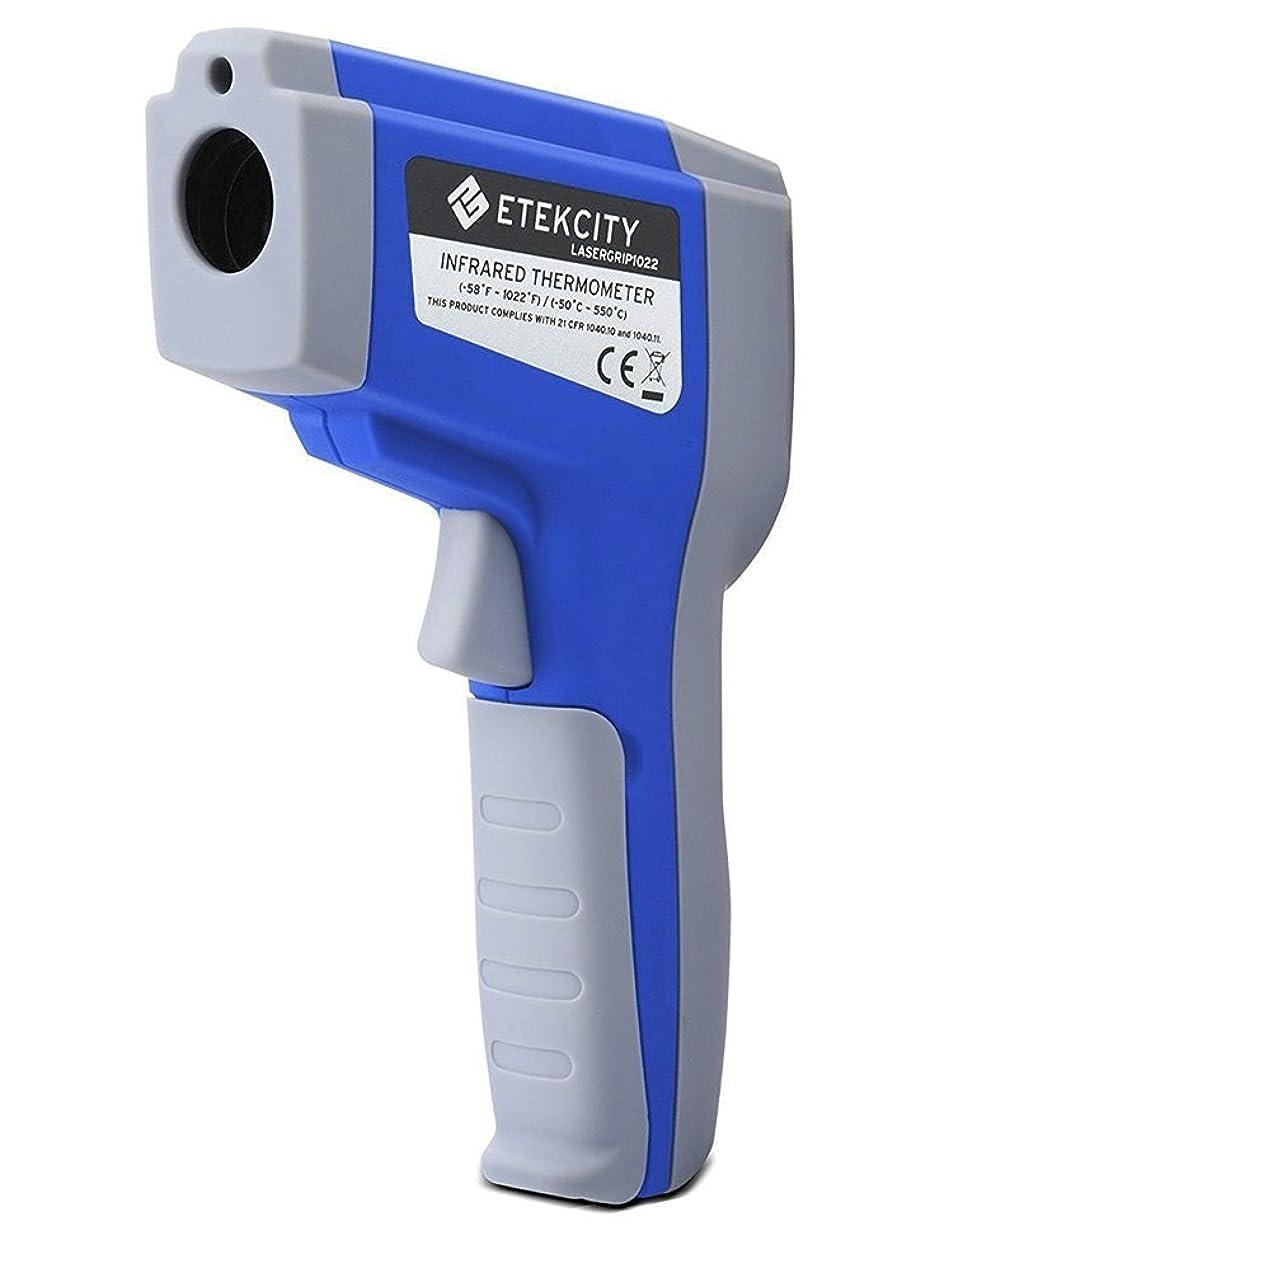 弾薬感じポーンEtekcity 赤外線温度計デジタルサーモメーター 非接触式温度計赤外線放射温度計Lasergrip 1022 Non-contact Digital Laser Infrared Thermometer with Adjustable EMS & MAX Display, Blue【並行輸入品】 BUYBOAZ